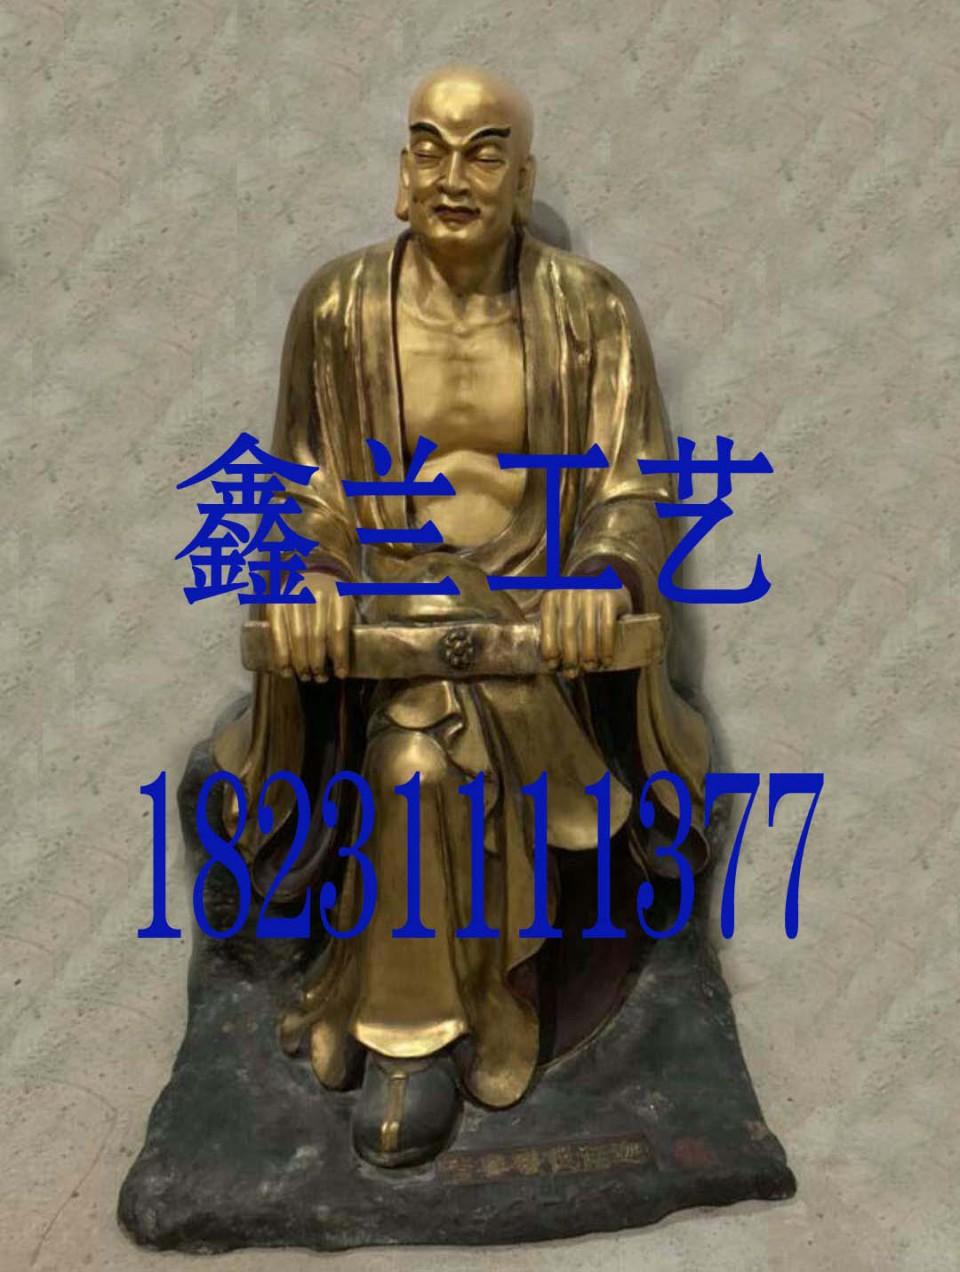 定做铸铜雕塑铜雕人物佛像神像彩绘寺院雕塑十八罗汉雕像开光摆件